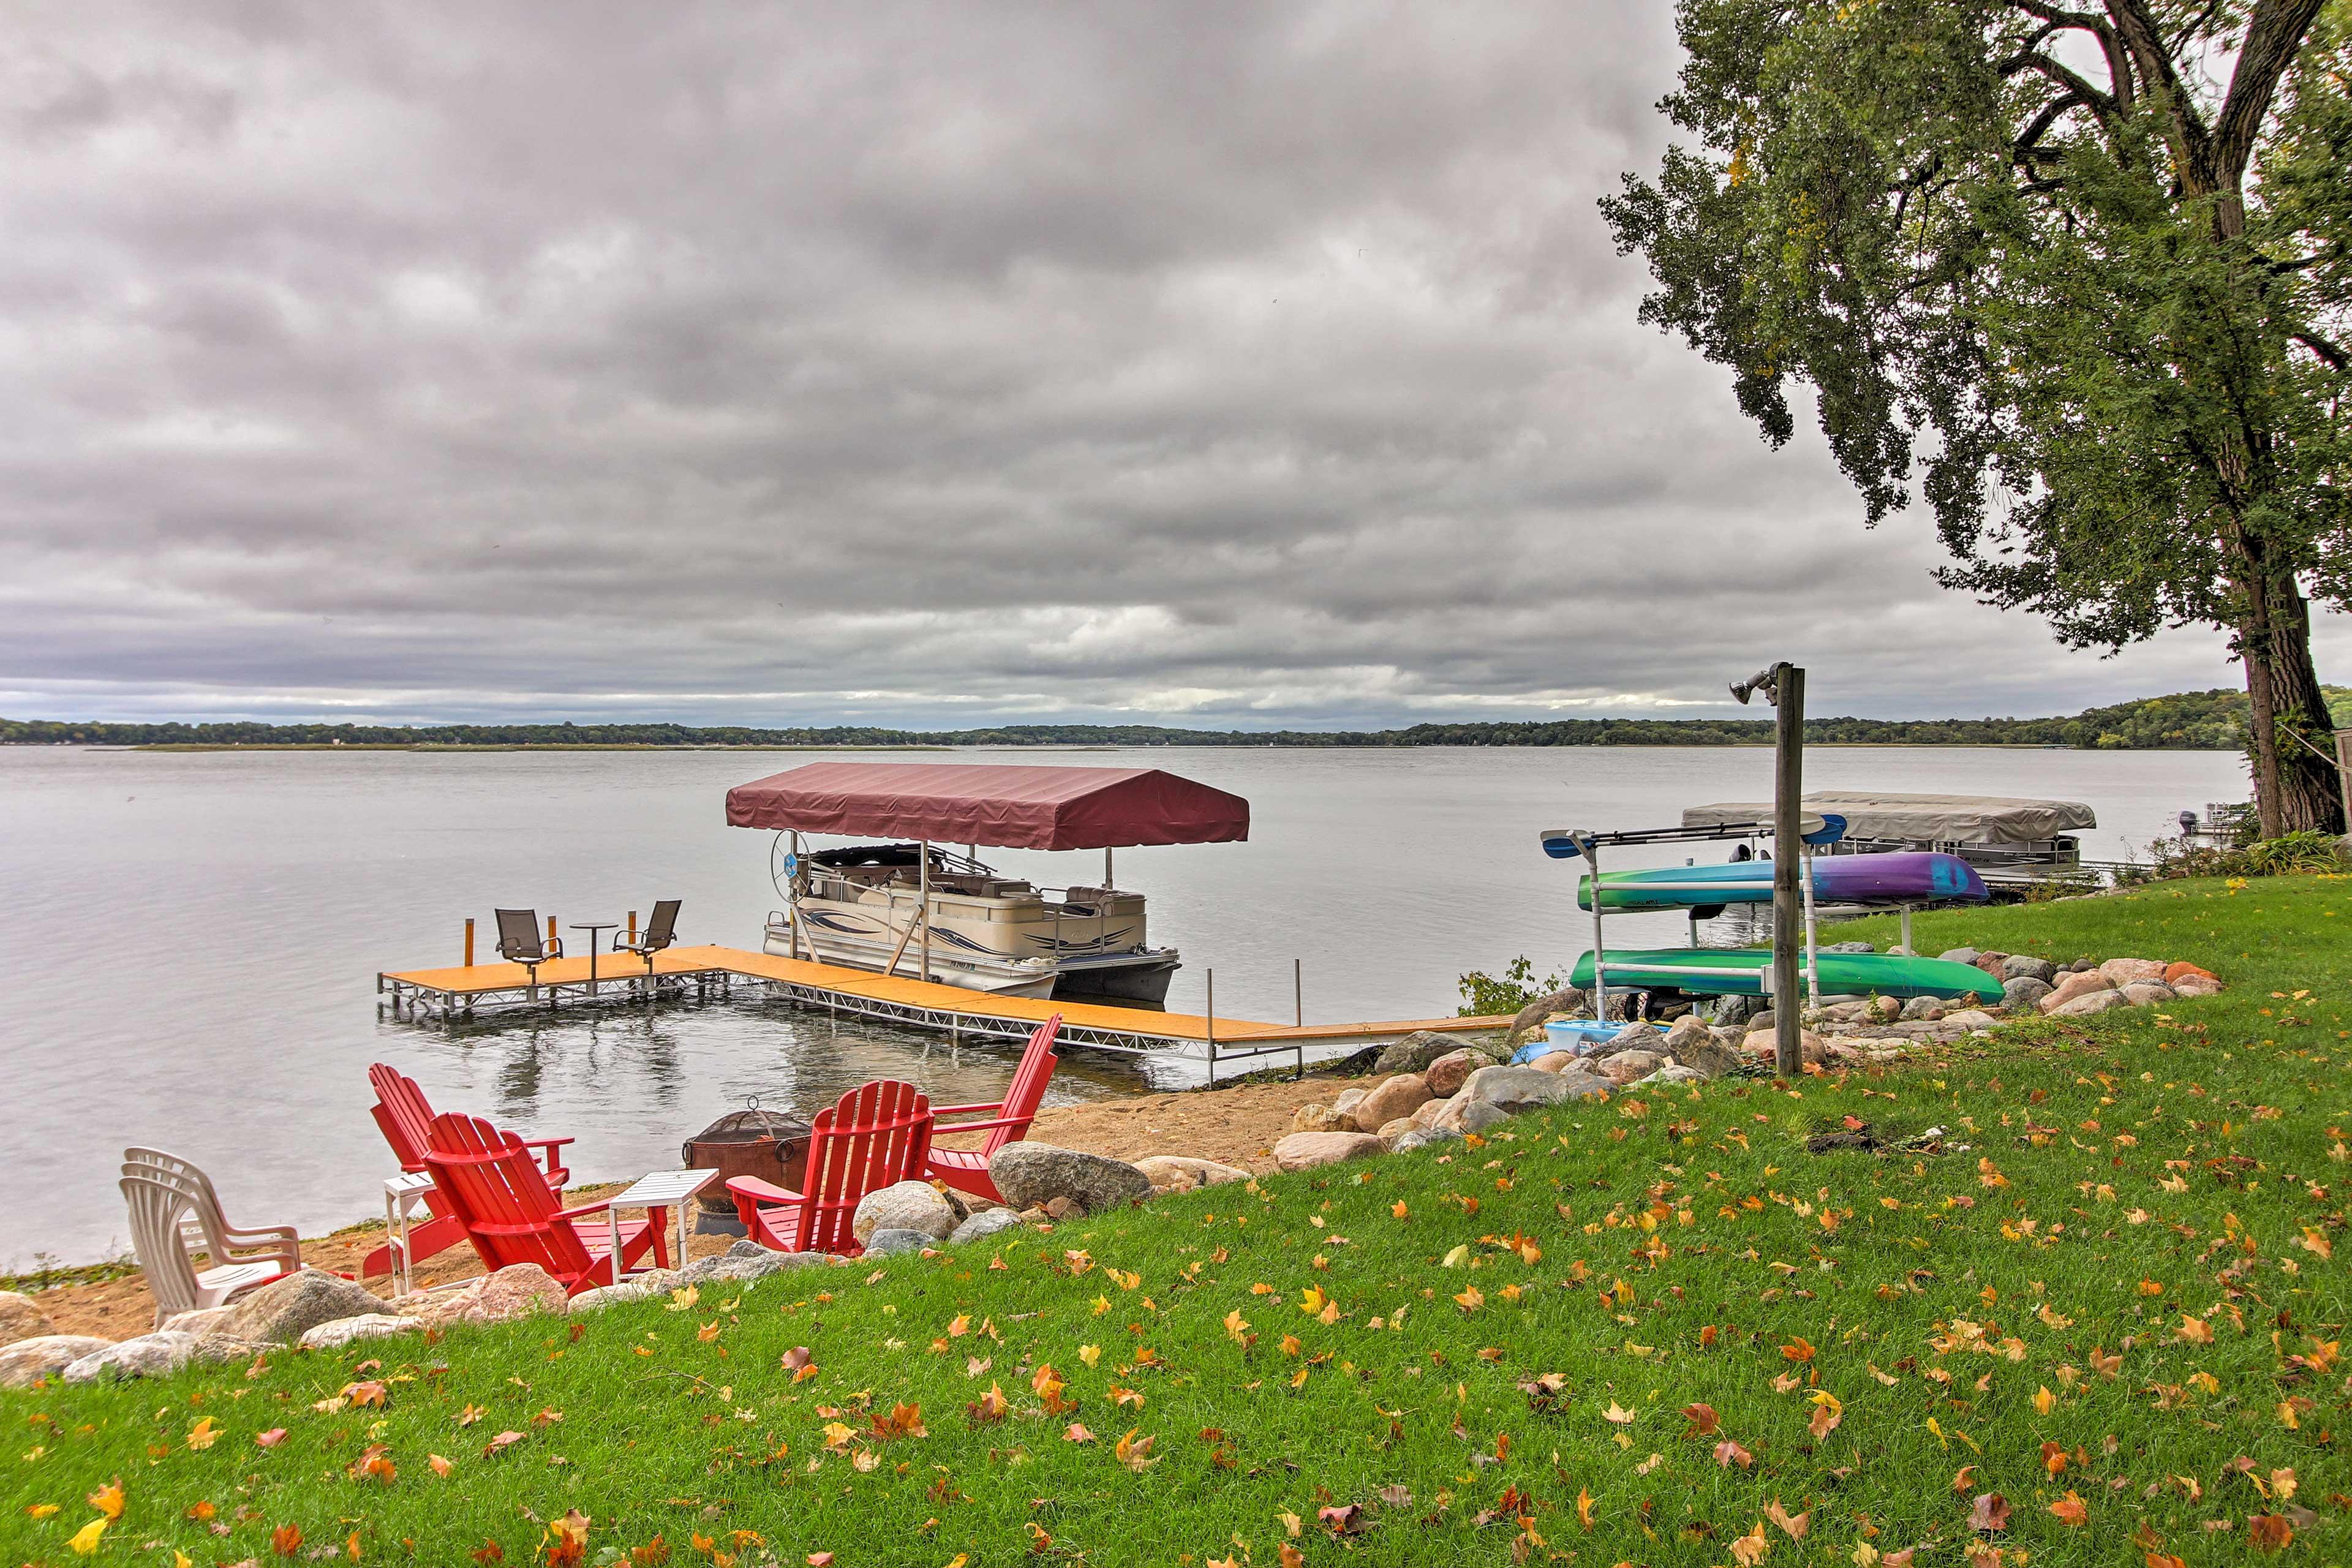 Enjoy stunning views of Clearwater Lake year-round.